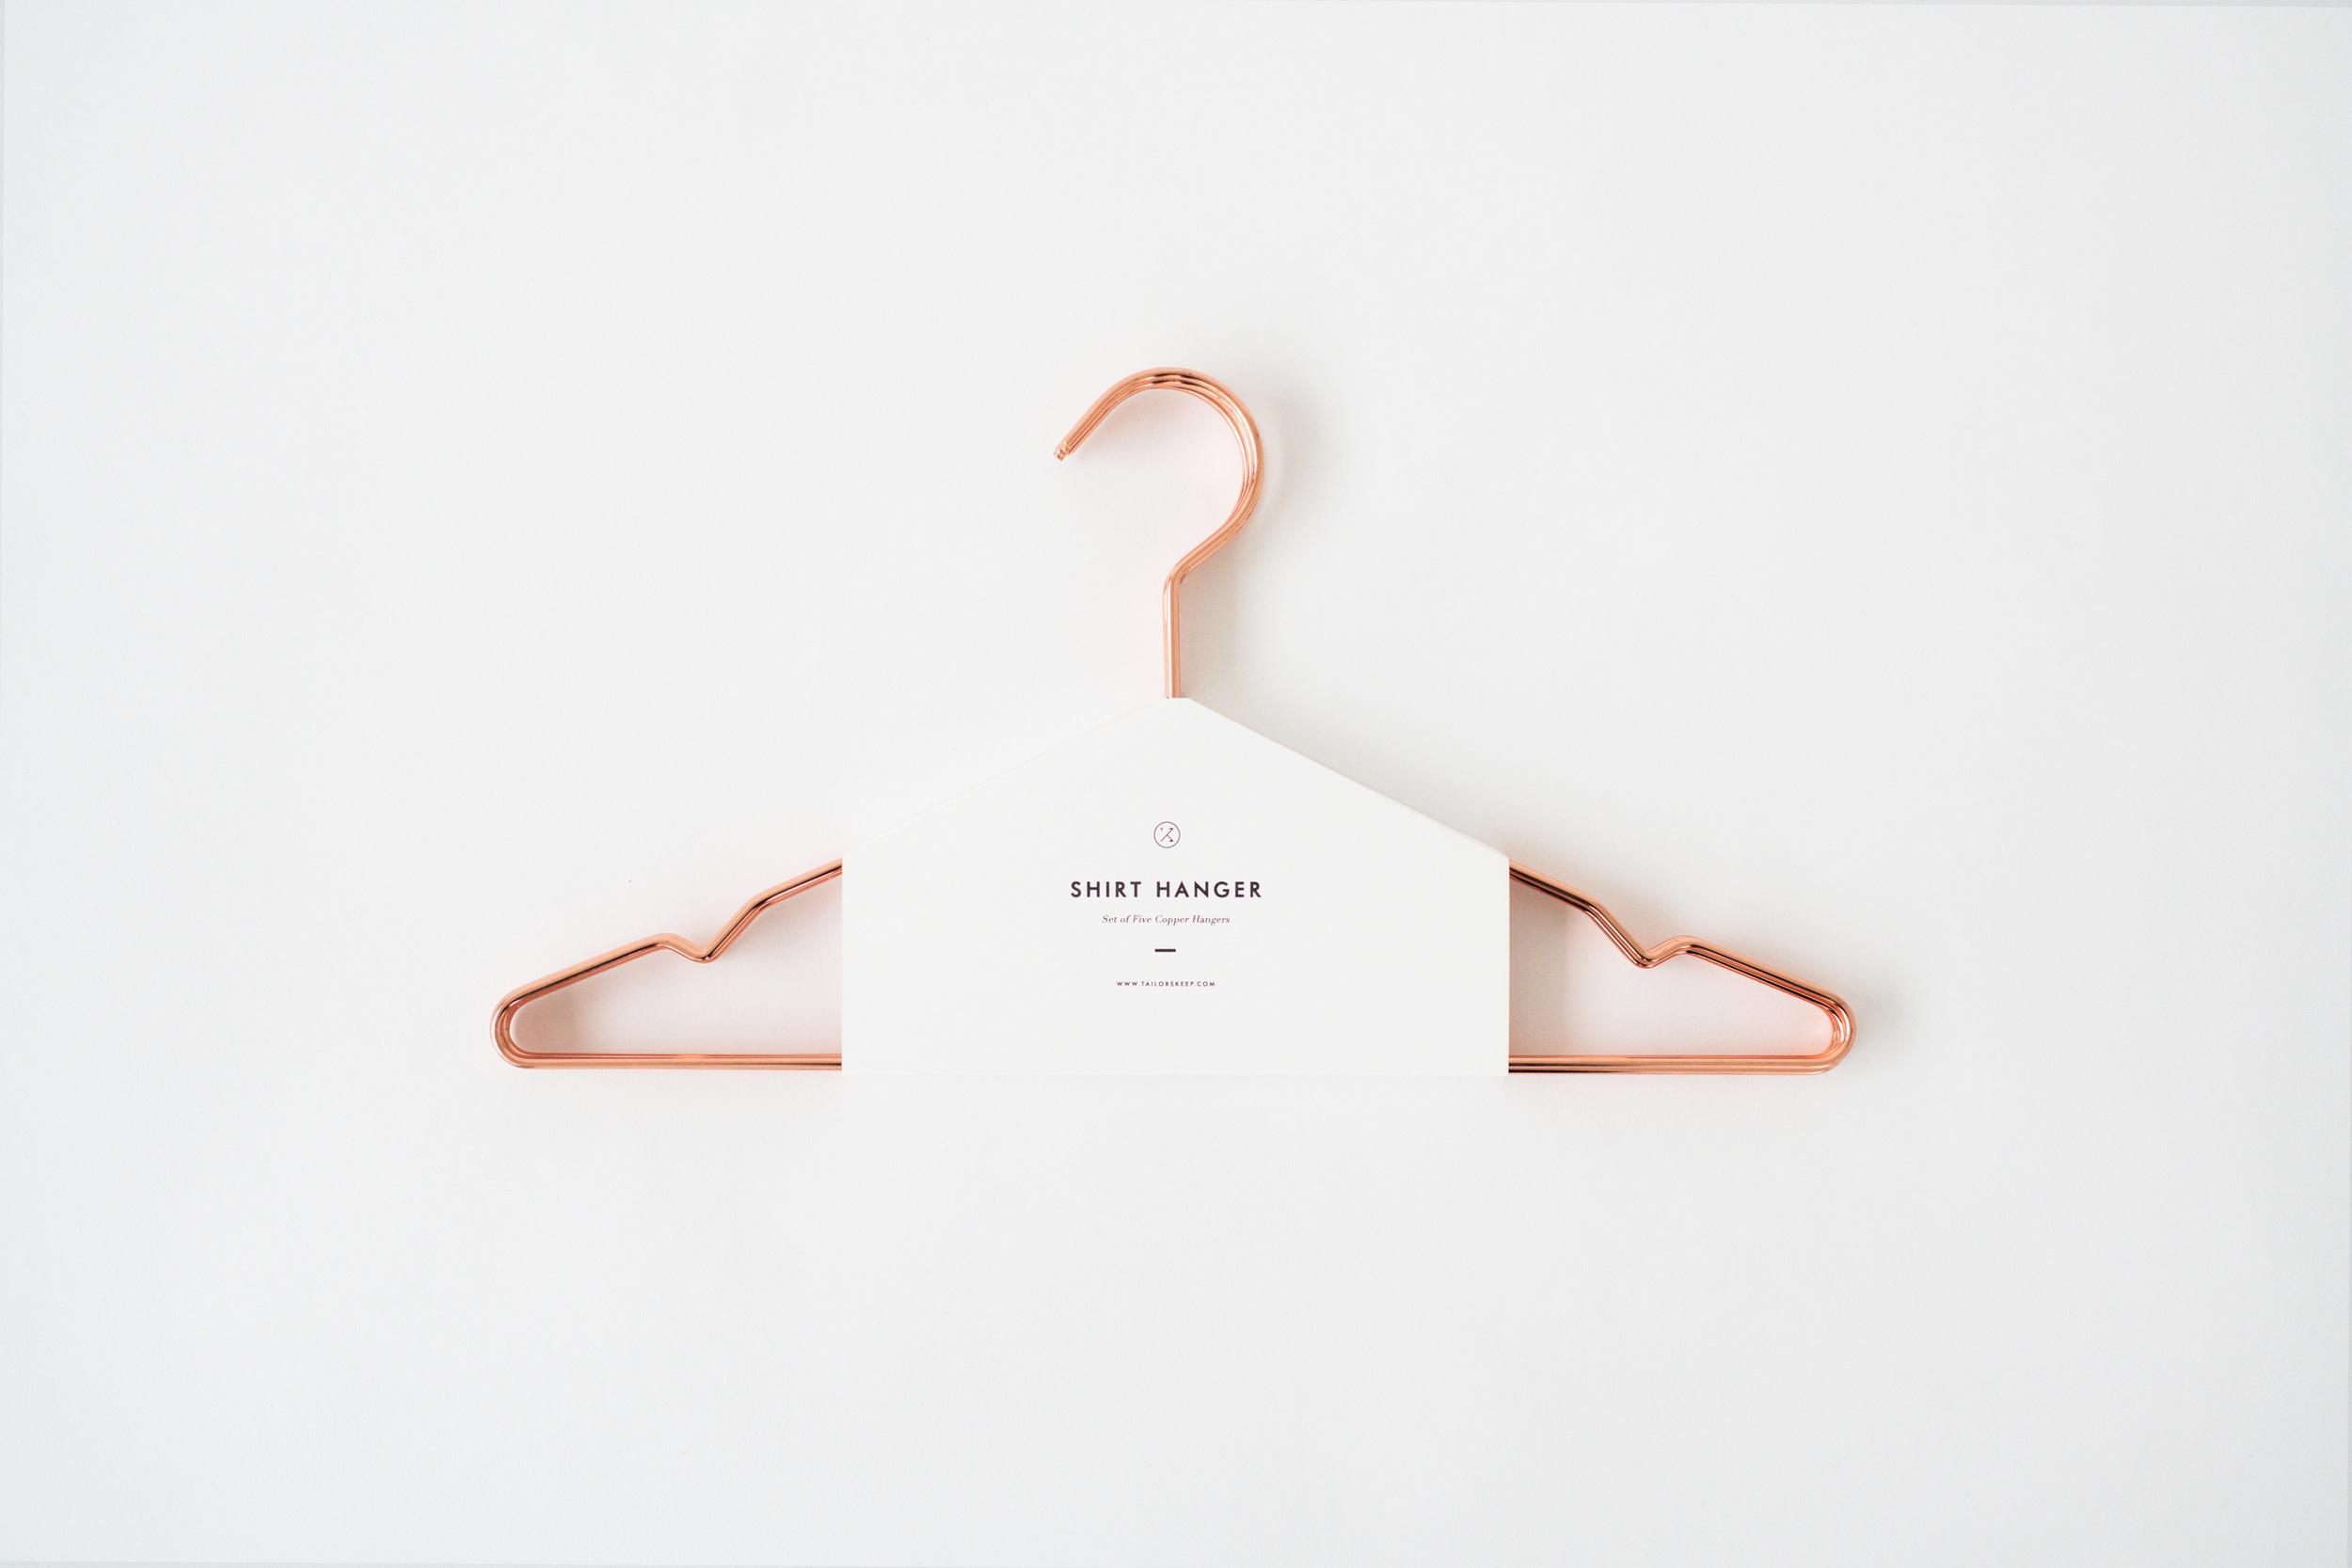 field guide hanger packaging shirt